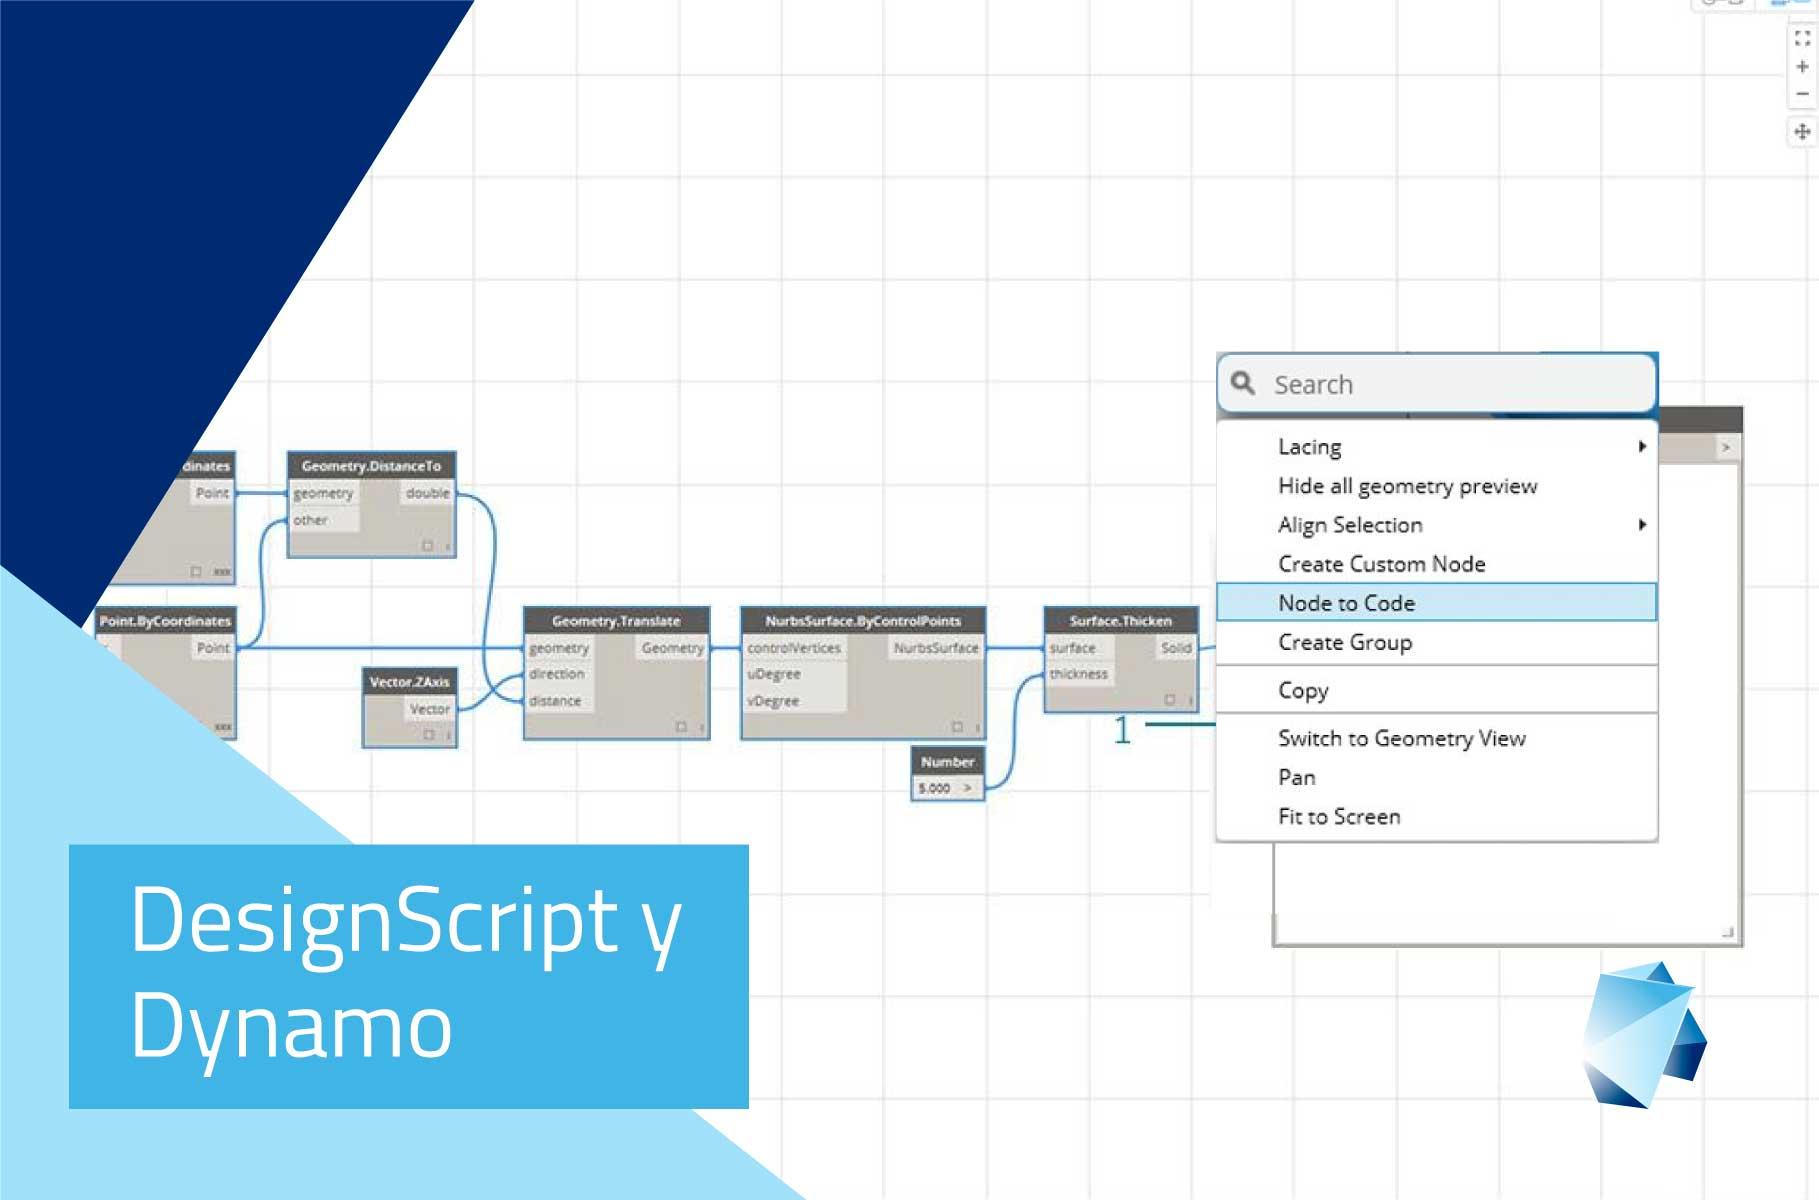 Post-Design-Script-y-Dynamo